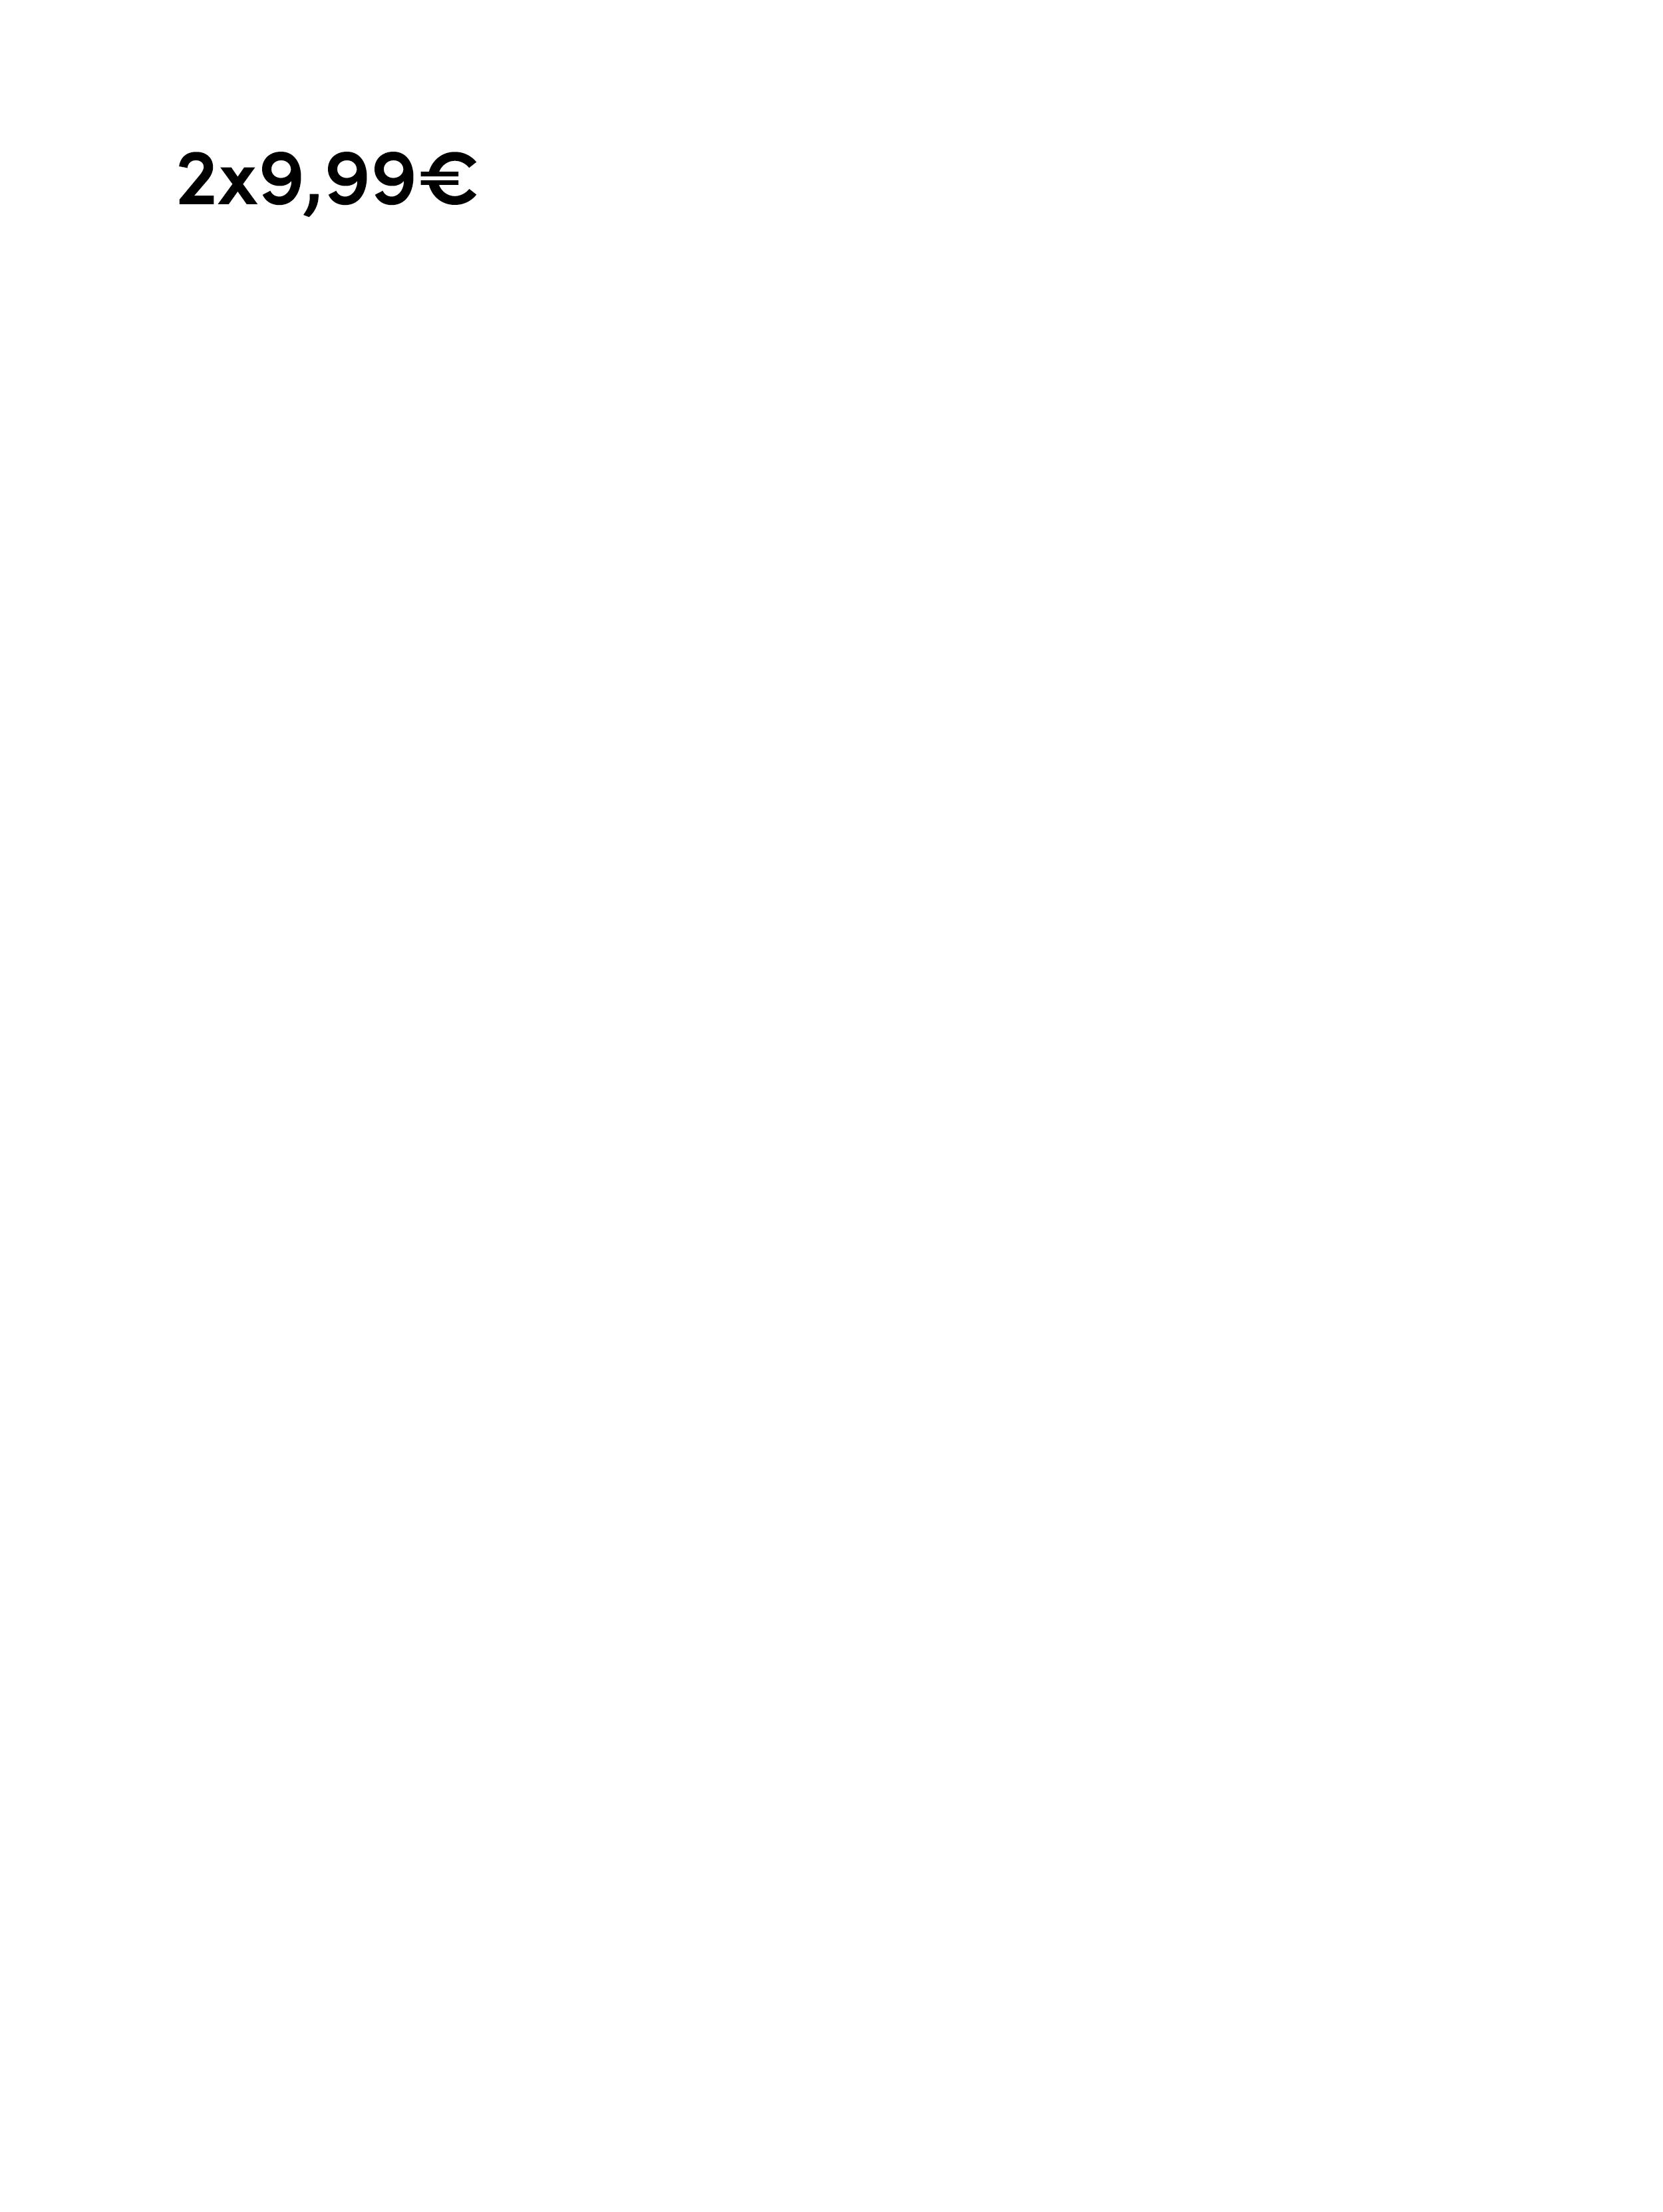 SK_2x9,99